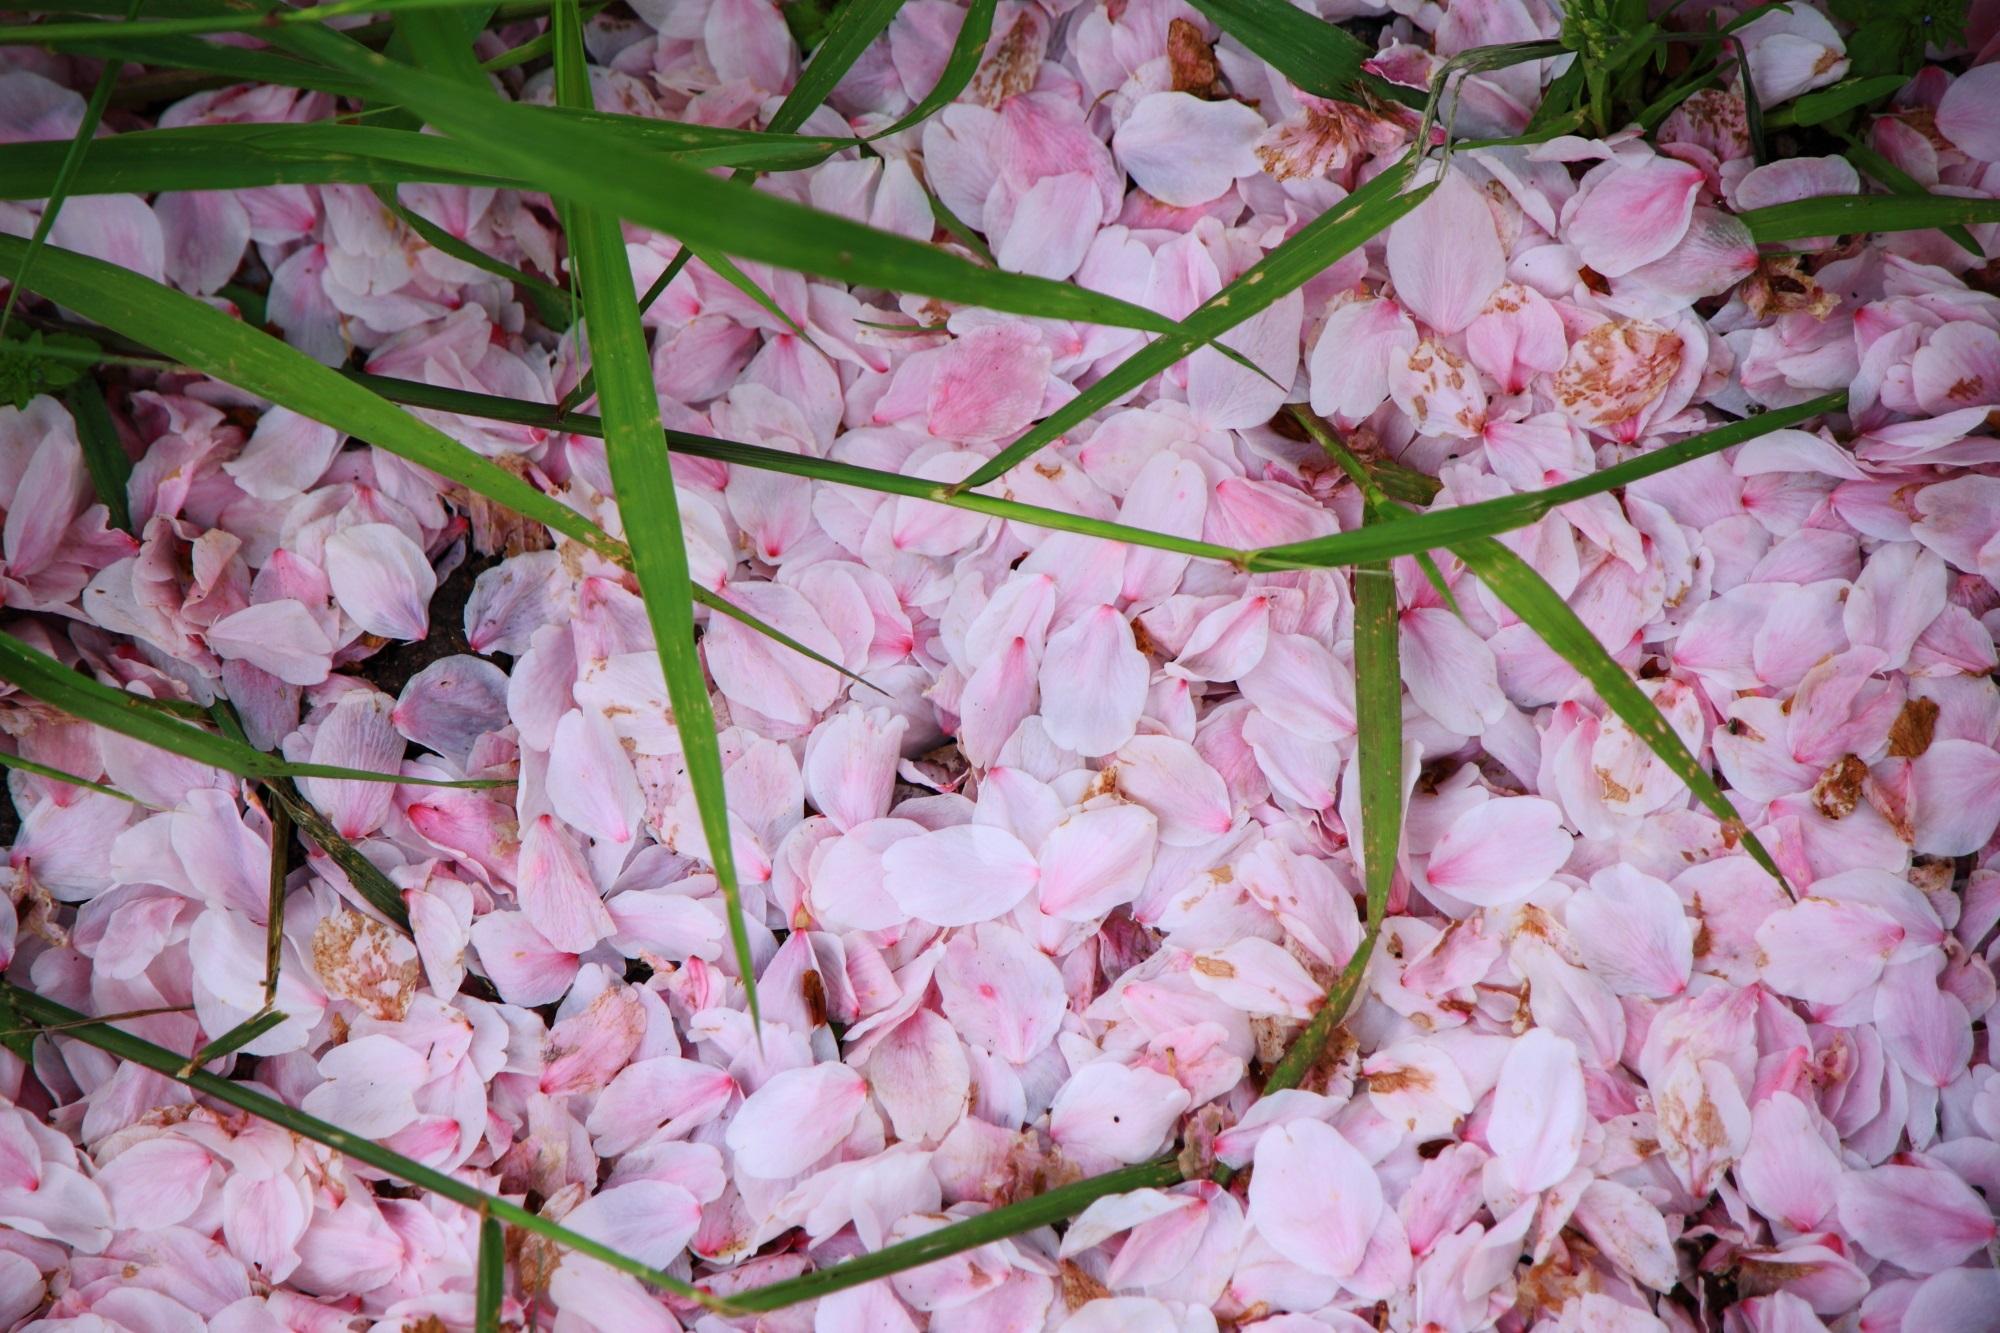 散っていっぱい溜まったピンクの桜の花びら